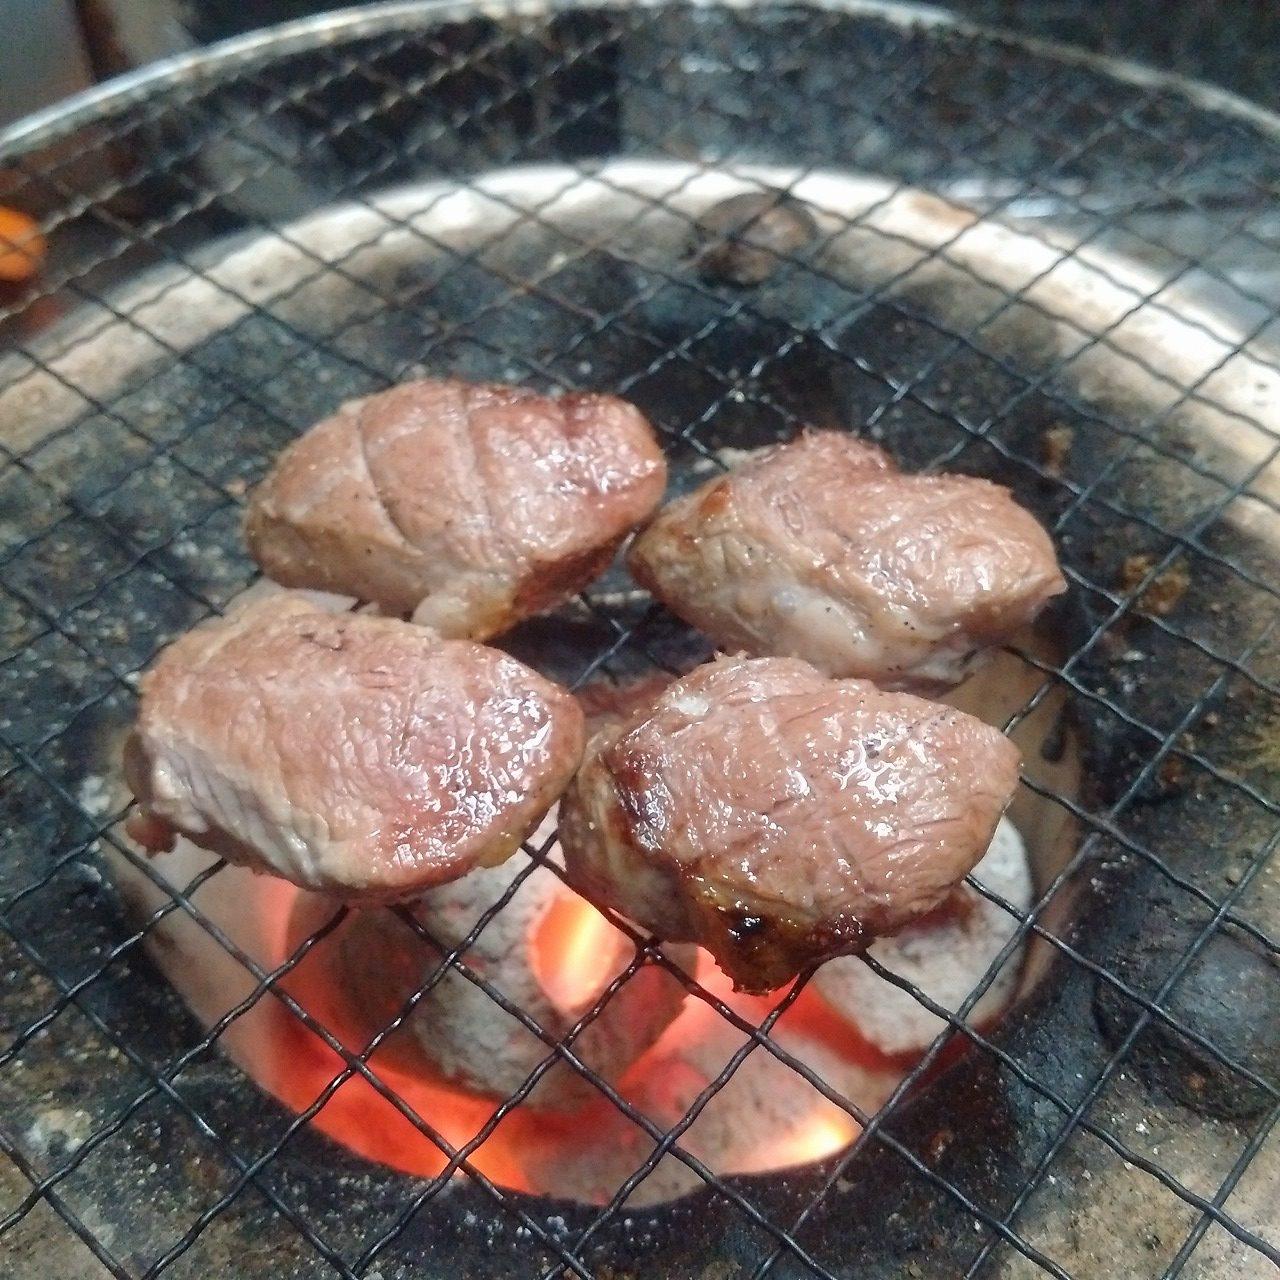 雌猪のヒレ肉を七輪で炭火焼きにして食べたらやっぱり旨かった